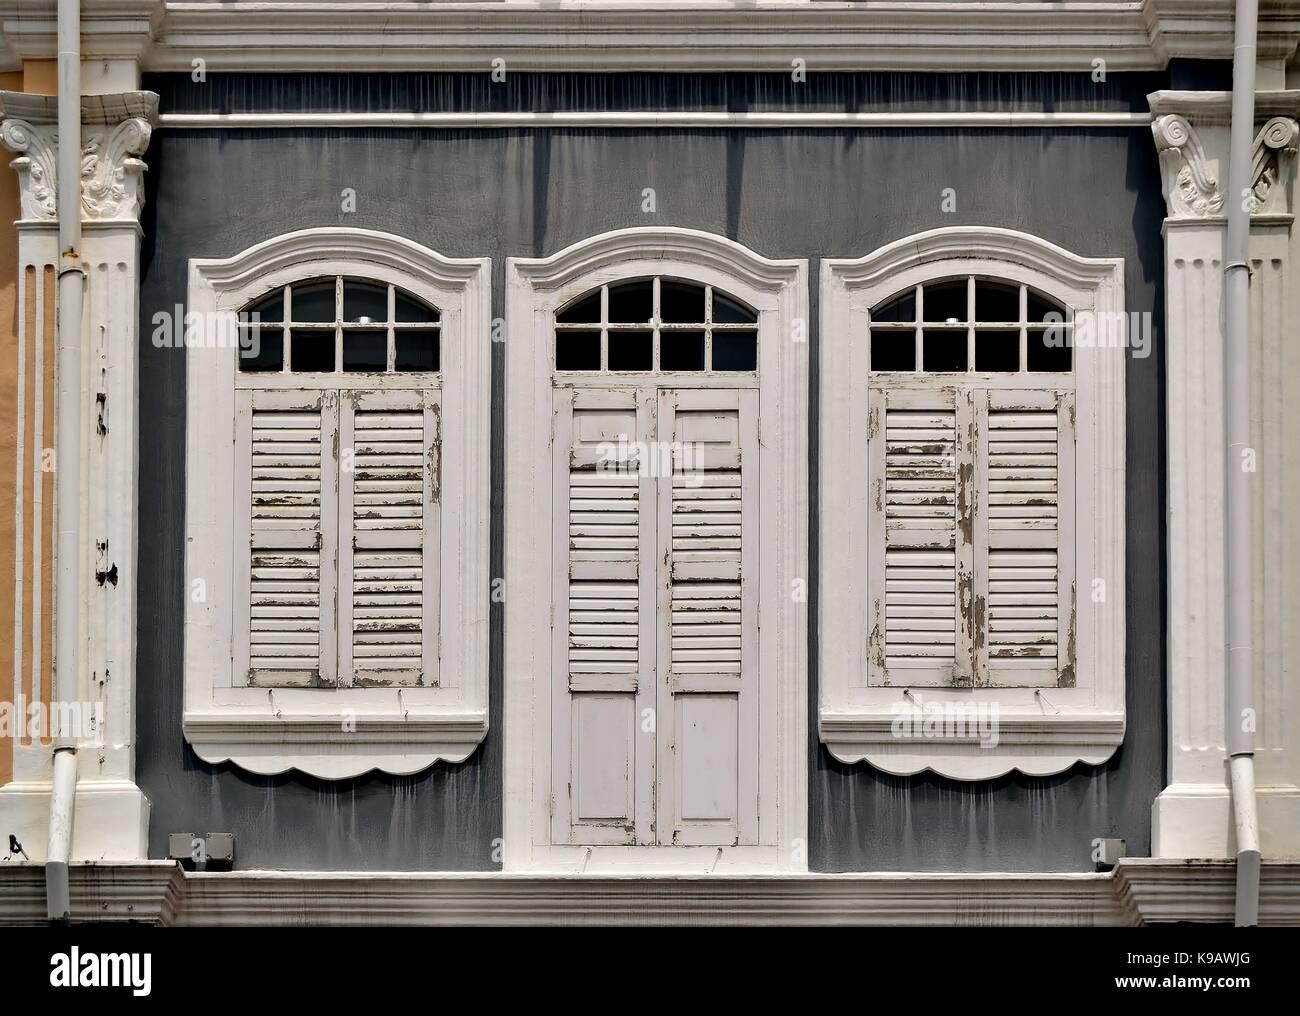 Case Con Persiane Grigie : Singapore tradizionale negozio casa esterno con facciata di colore